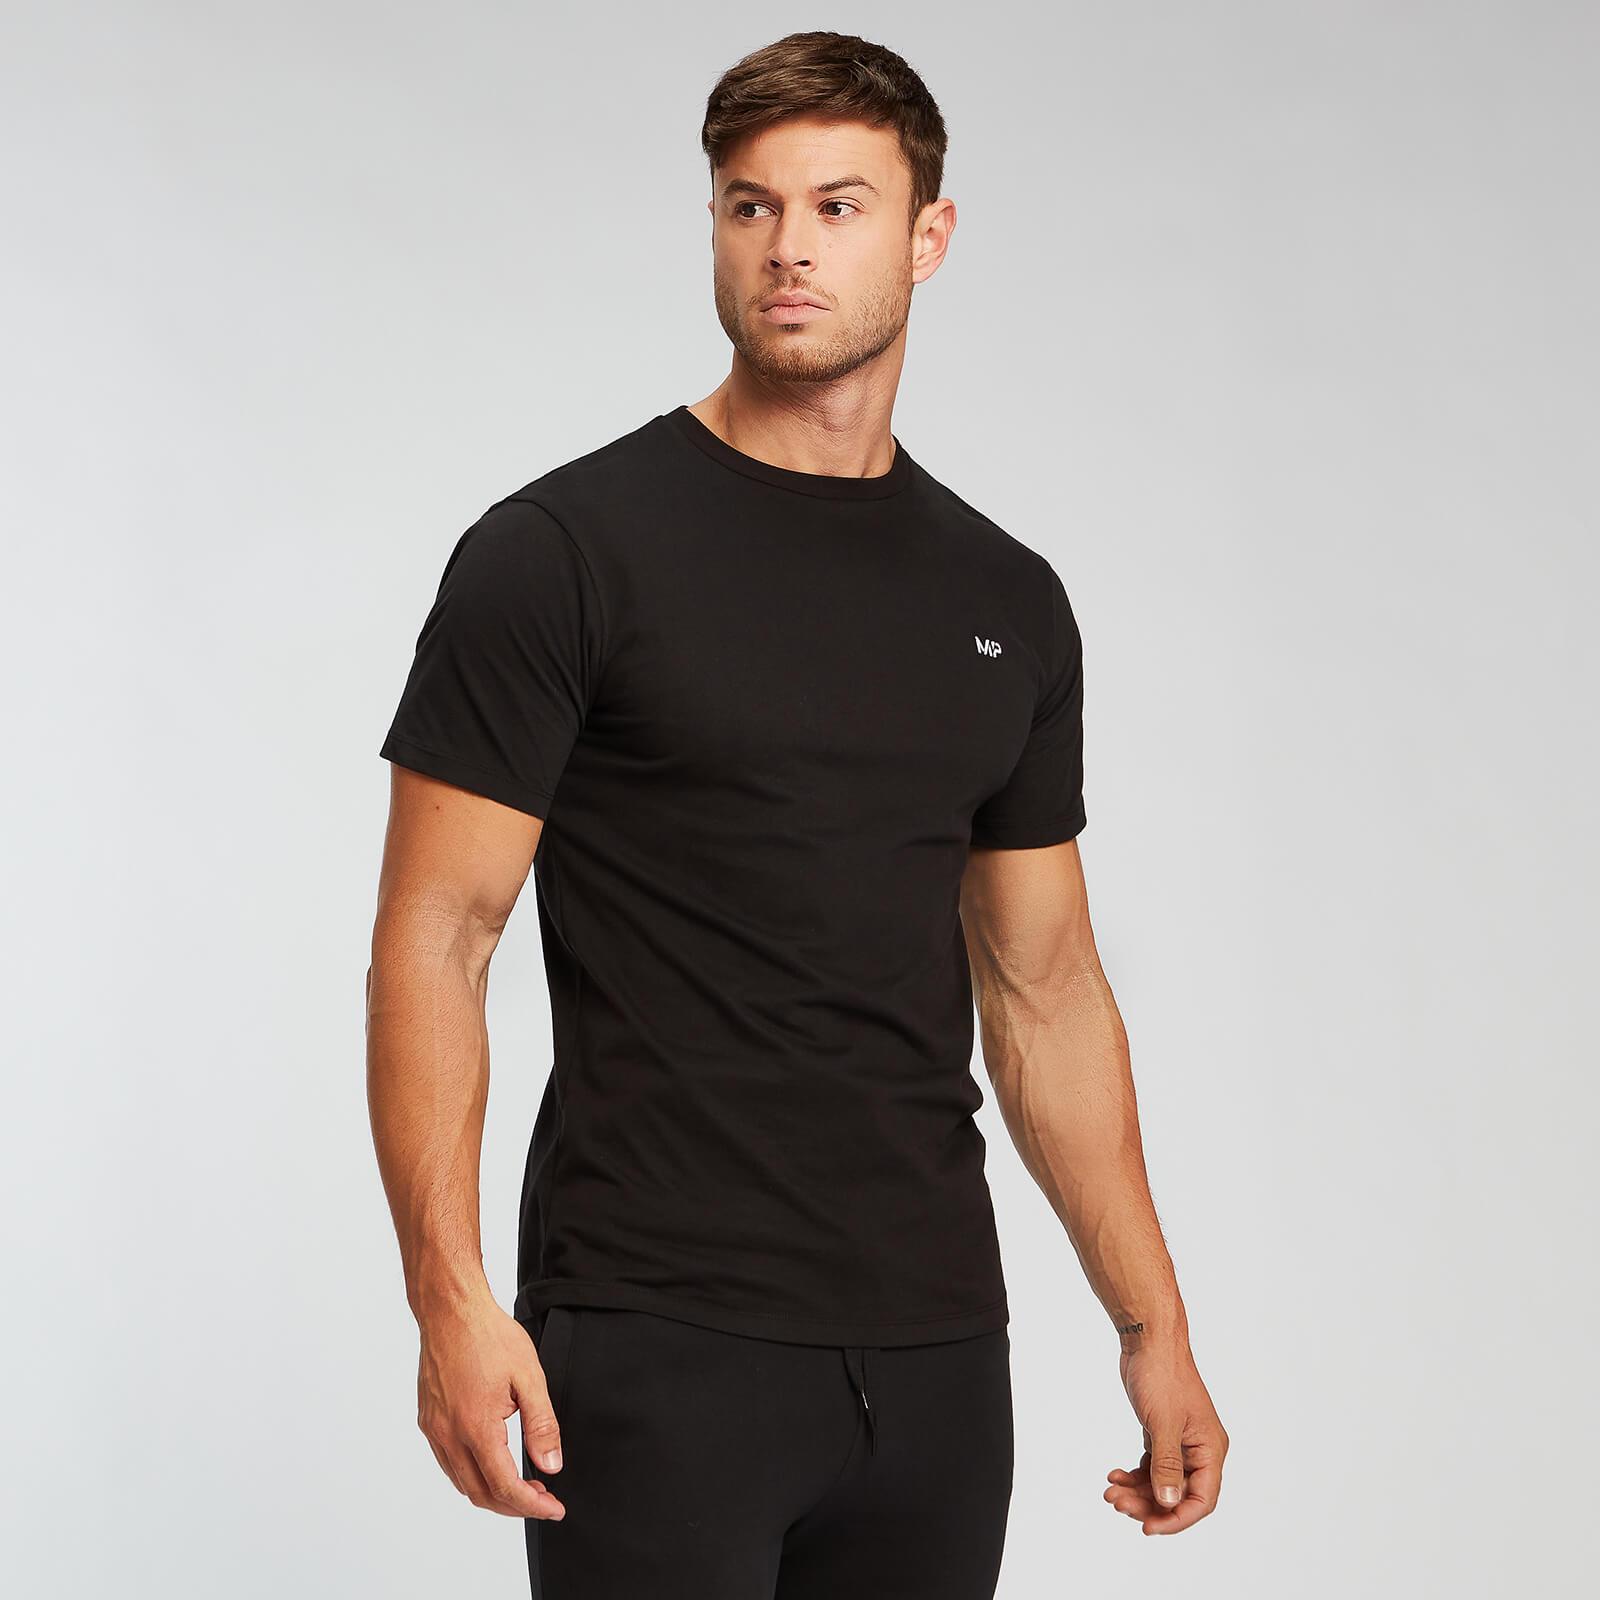 T-shirt MP Essentials - Noir - XS